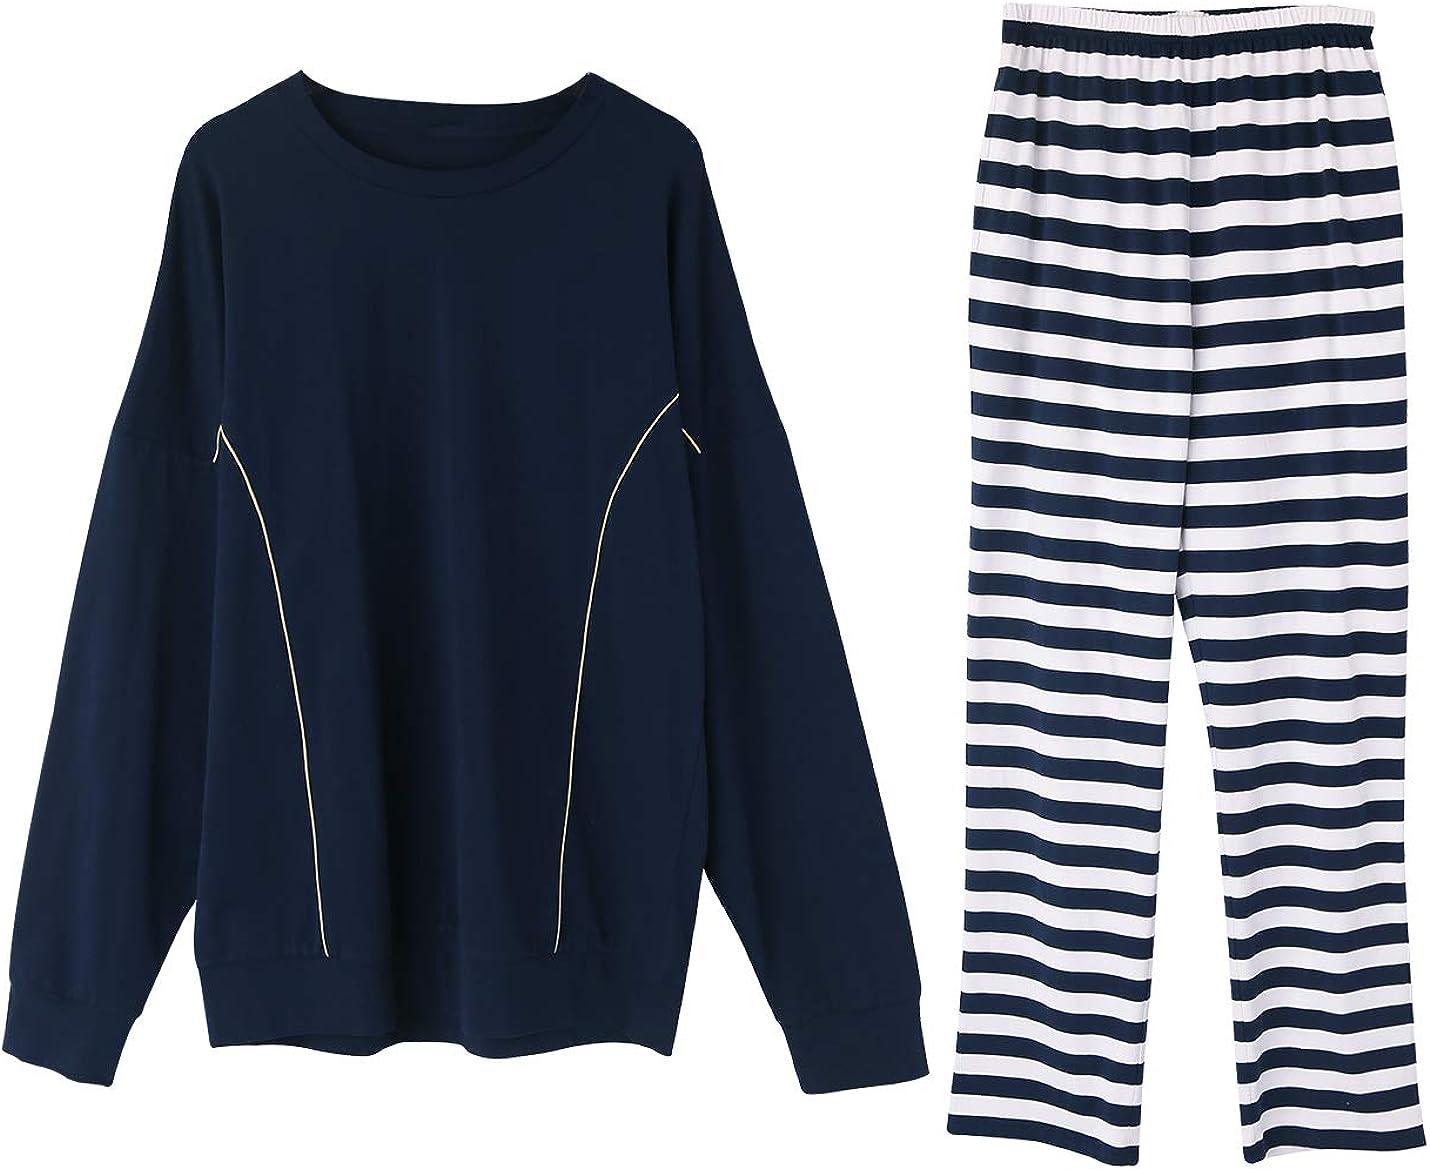 IKIIO Men's Pajamas Set Cotton Jersey Knit Top Striped Bottom PJs Sleepwear Lounge Set